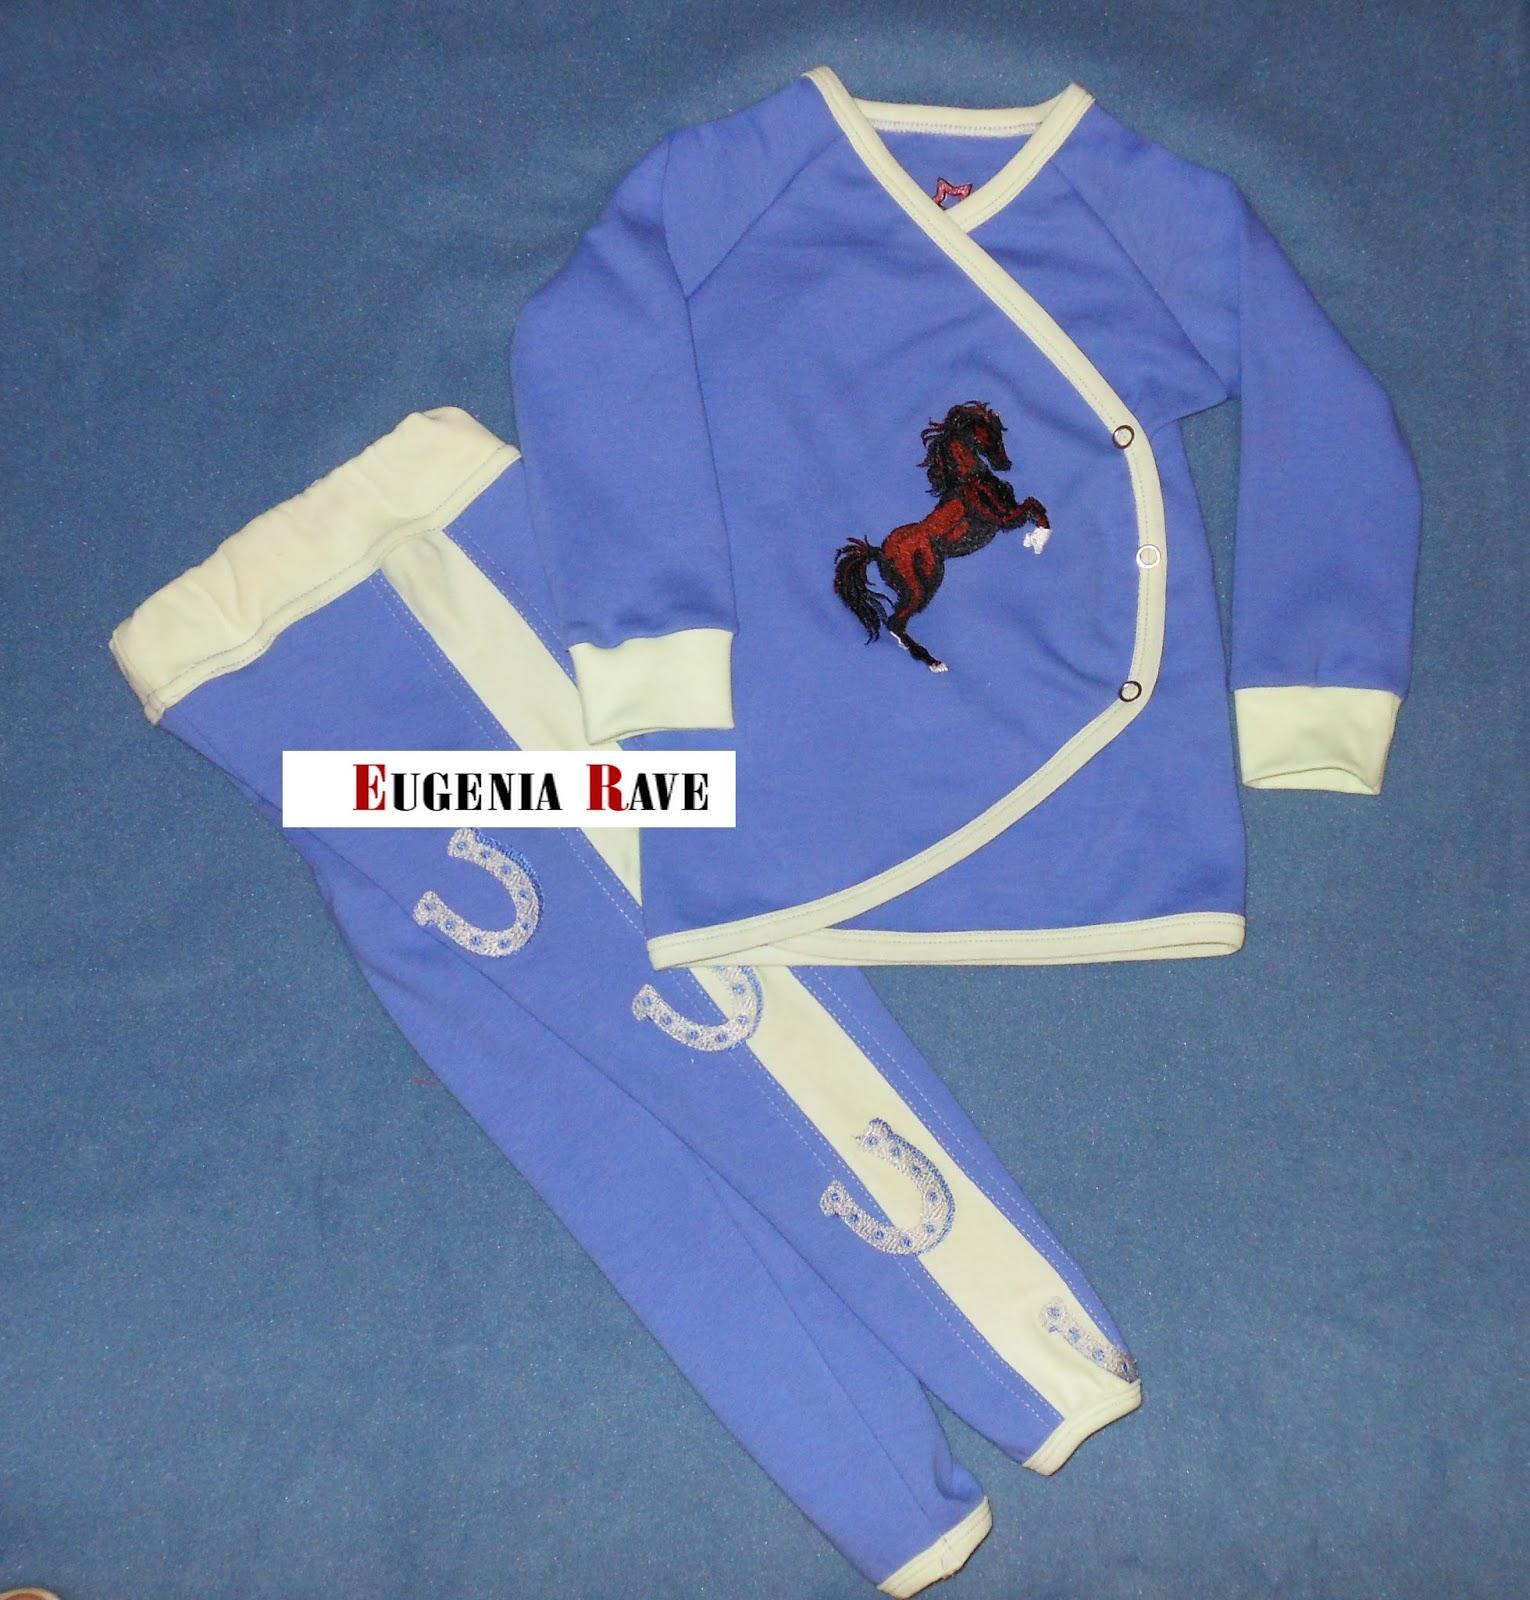 одежда с вышивкой, одежда с вышивкой для детей, компьютерная вышивка, обучение компьютерной вышивке